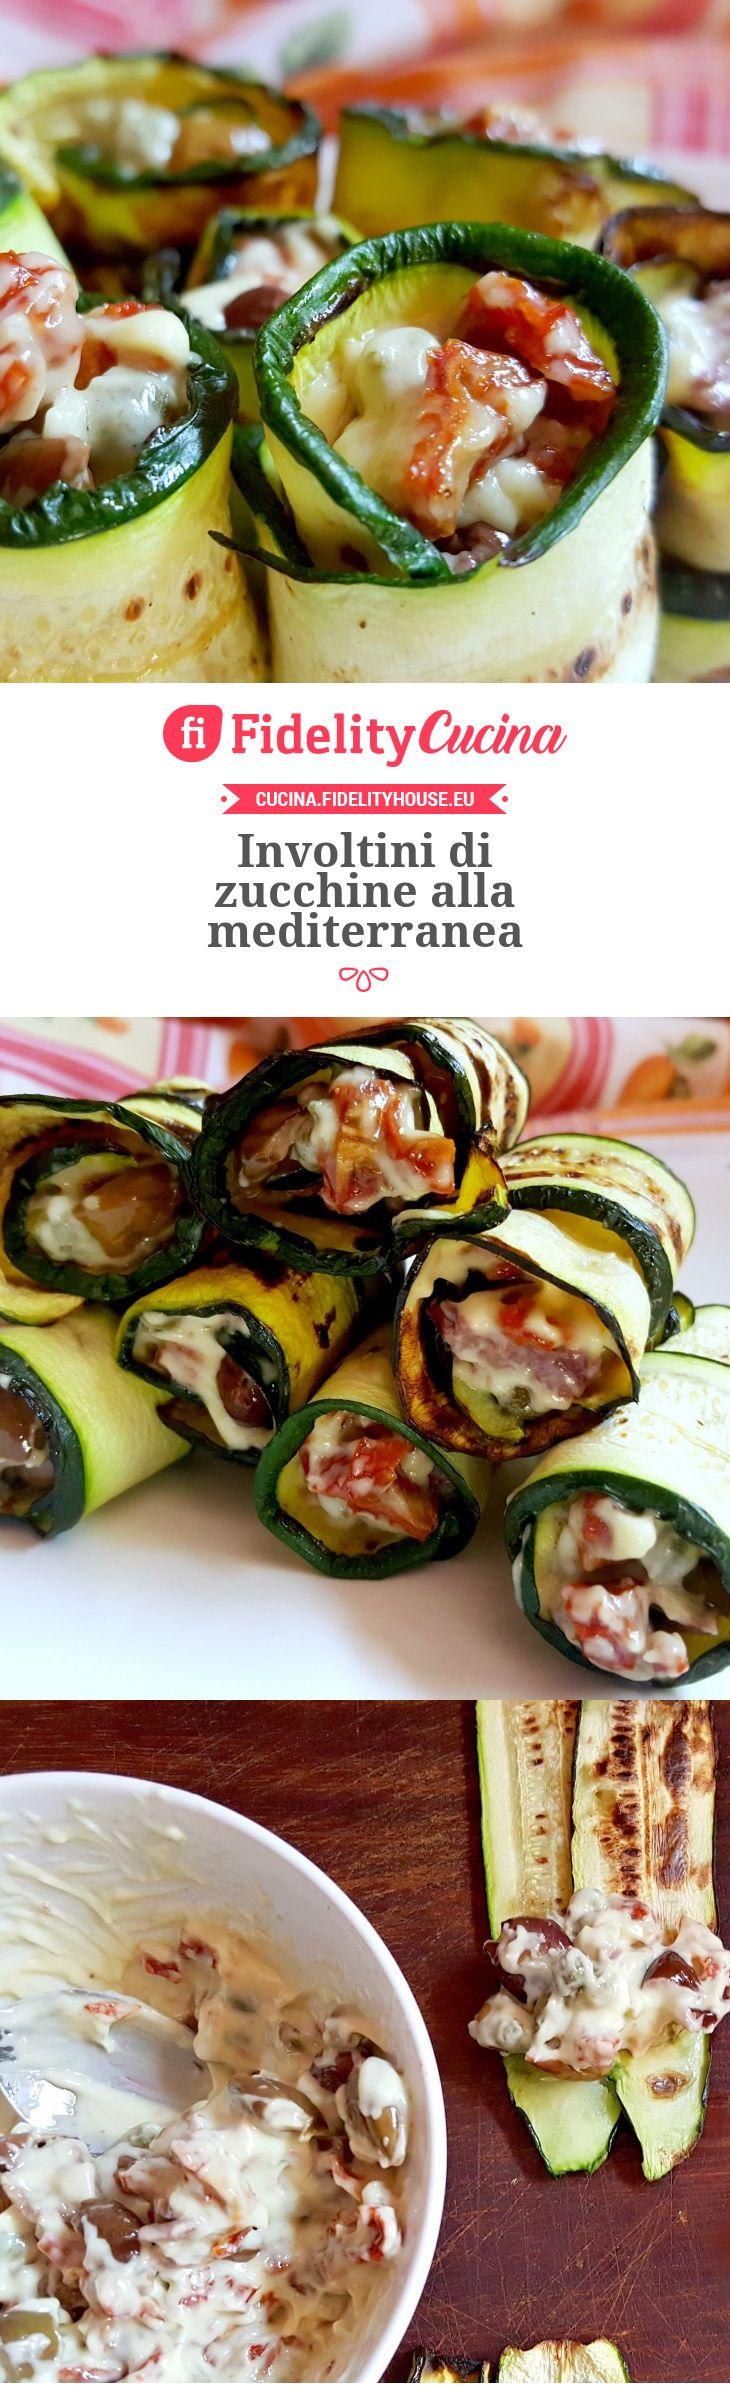 Involtini di zucchine alla mediterranea